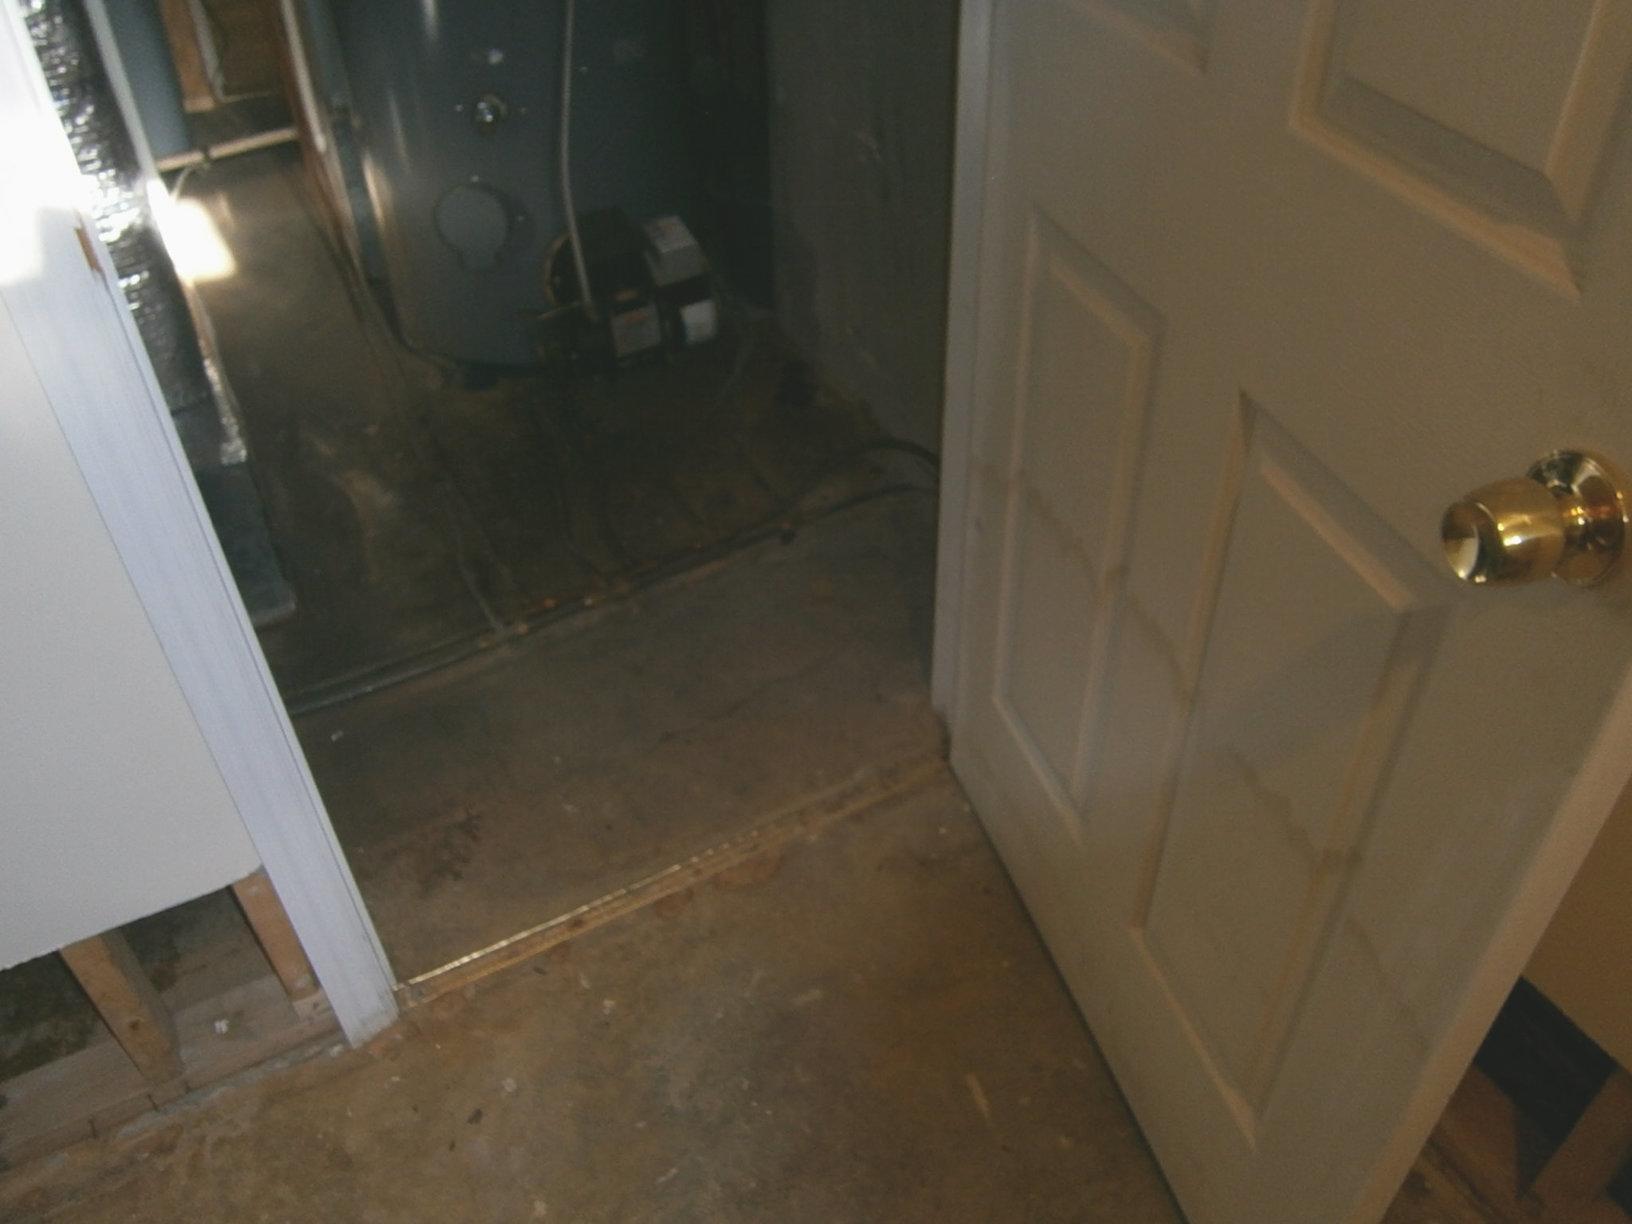 Wet Doorway in Purchase, NY